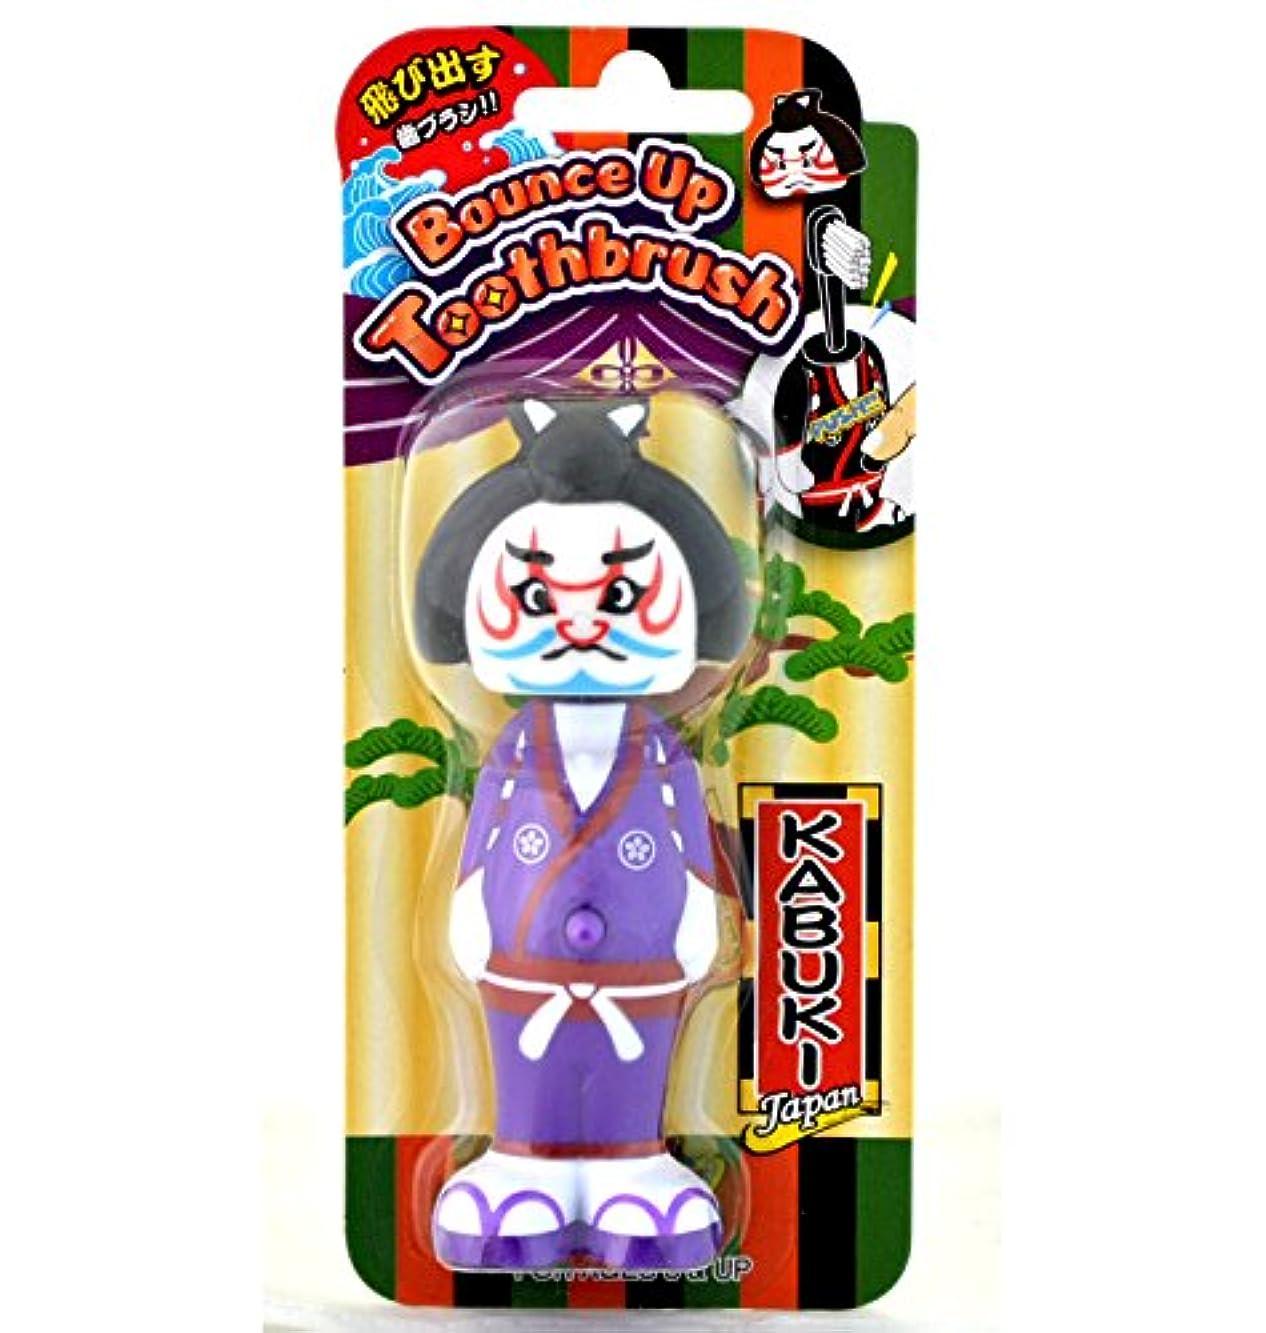 つまらないソーダ水ロッドバウンスアップ歯ブラシ 歌舞伎 パープル